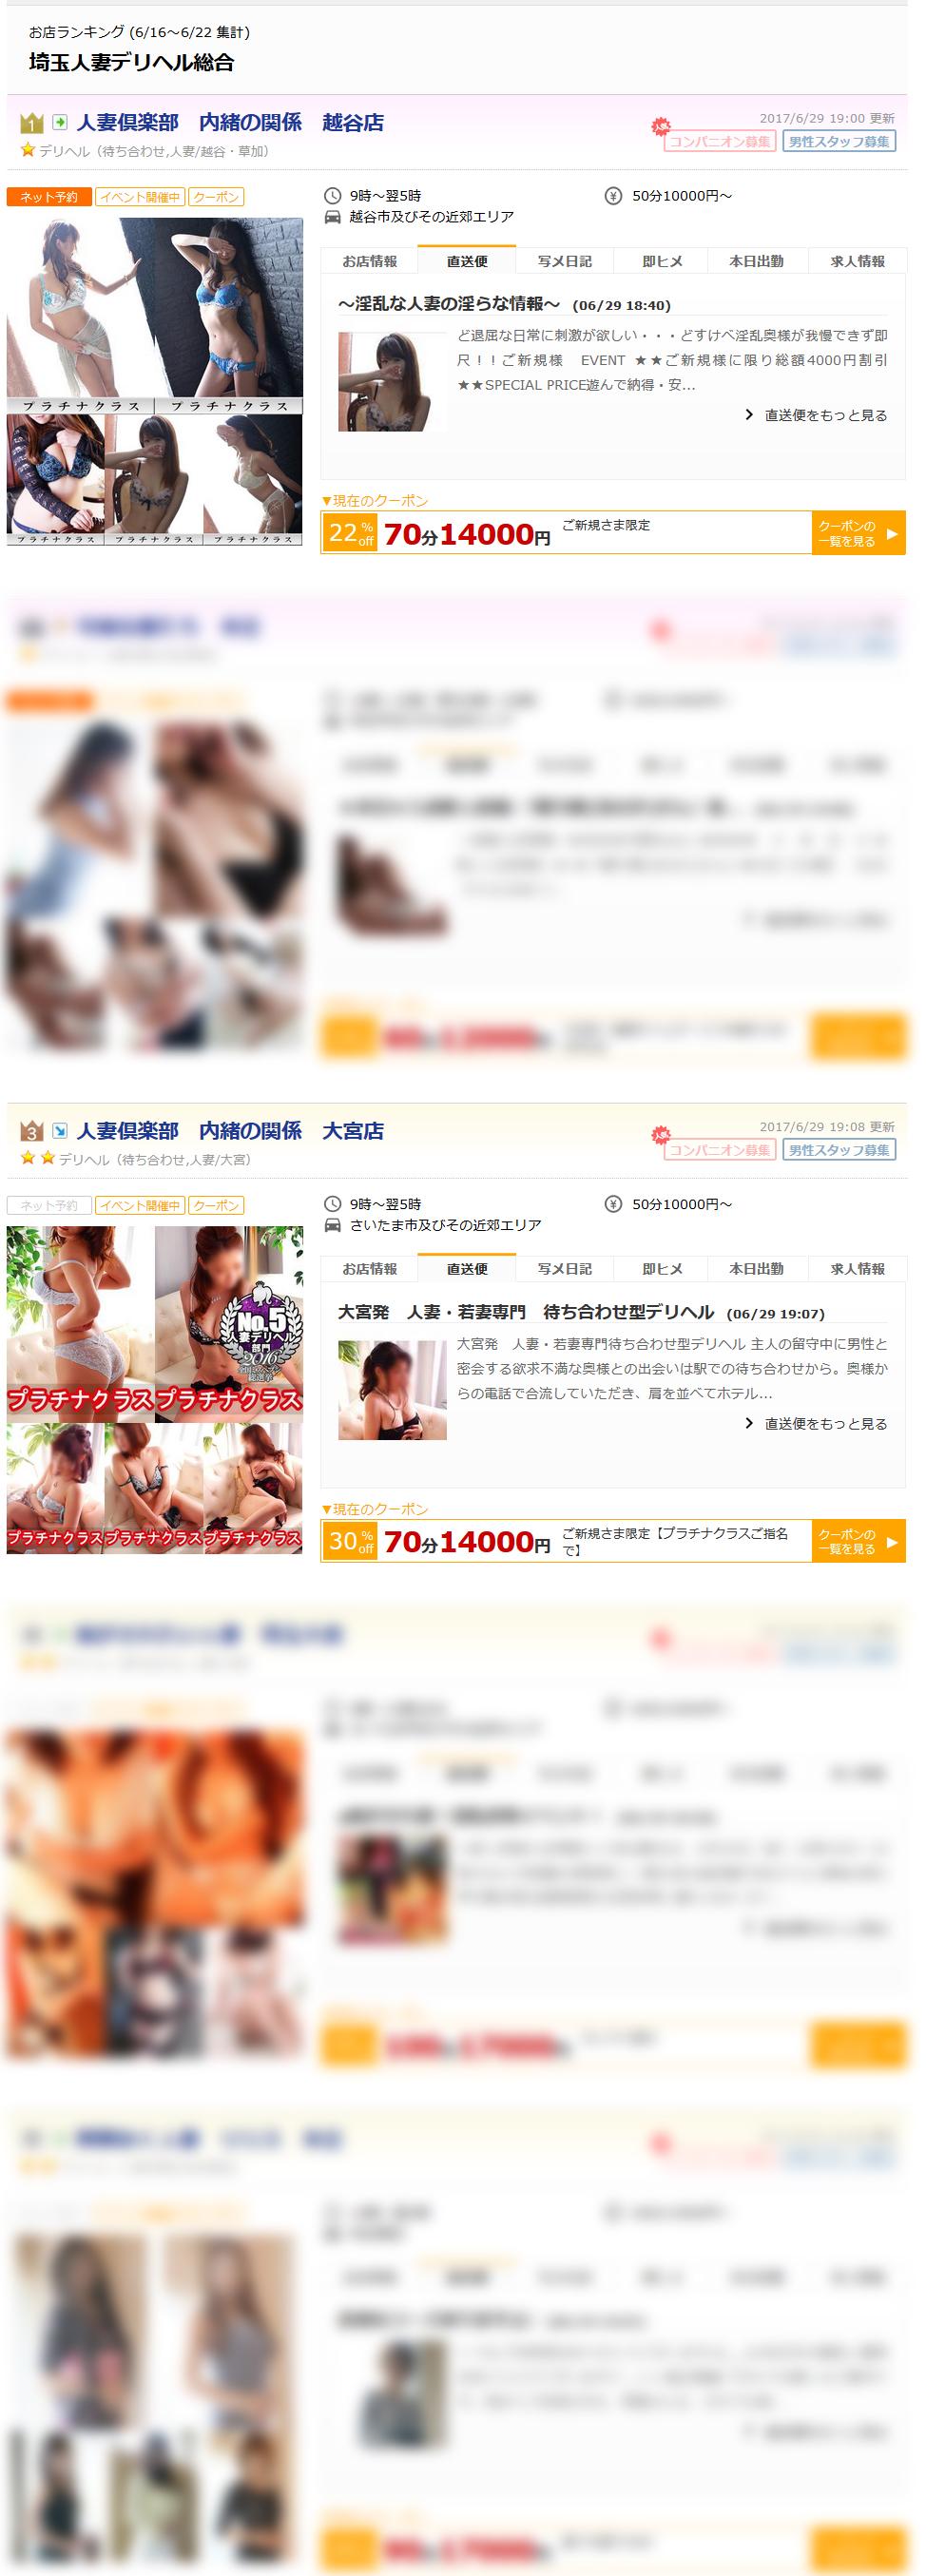 埼玉県人妻デリヘルお店ランキング2017-06-27